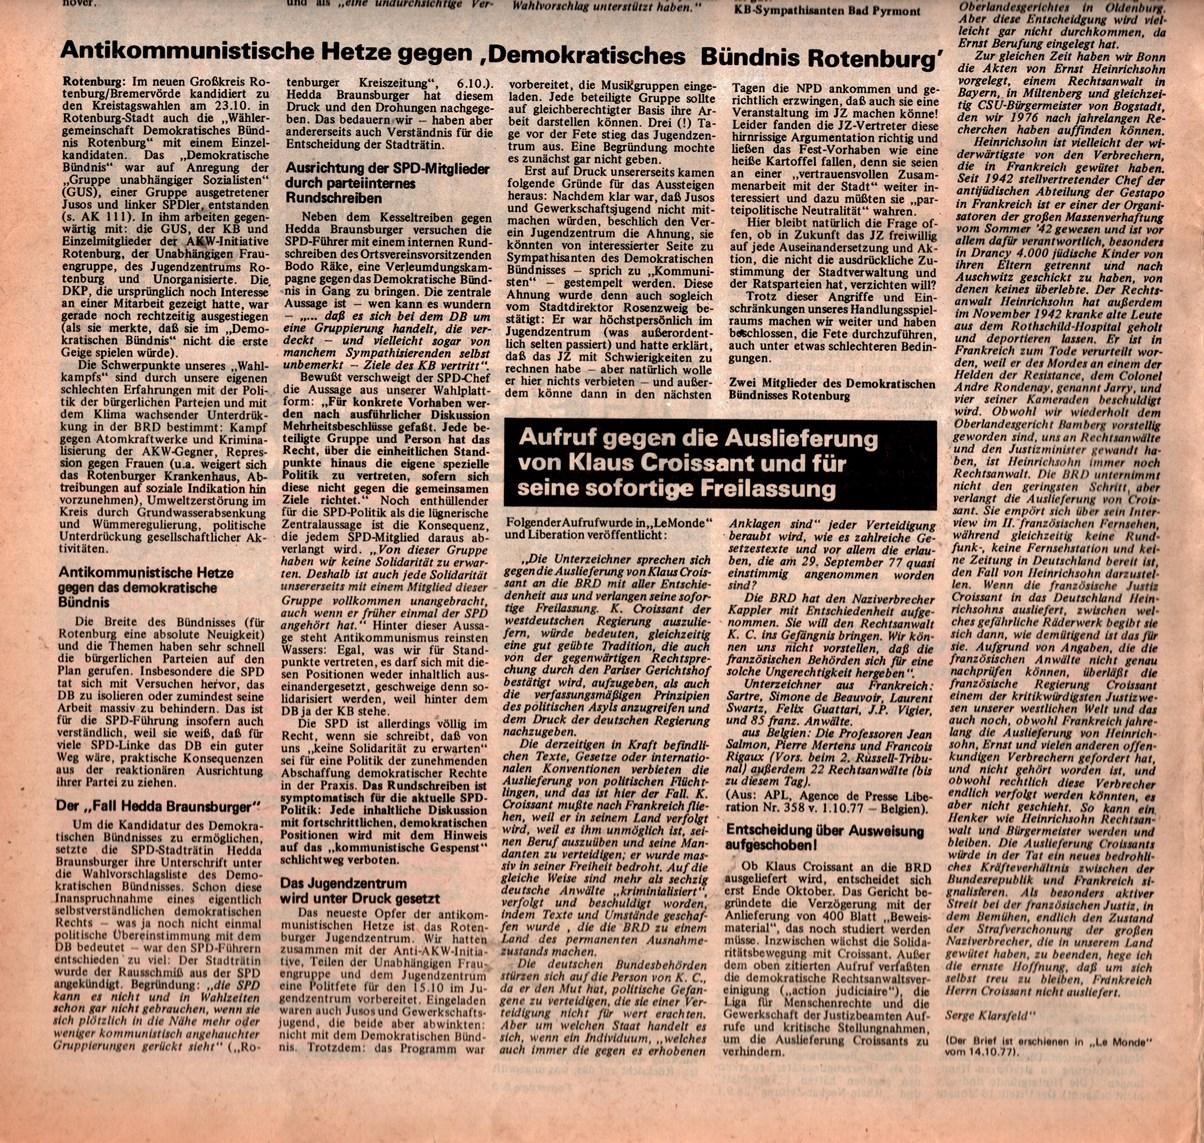 KB_AK_1977_115_004